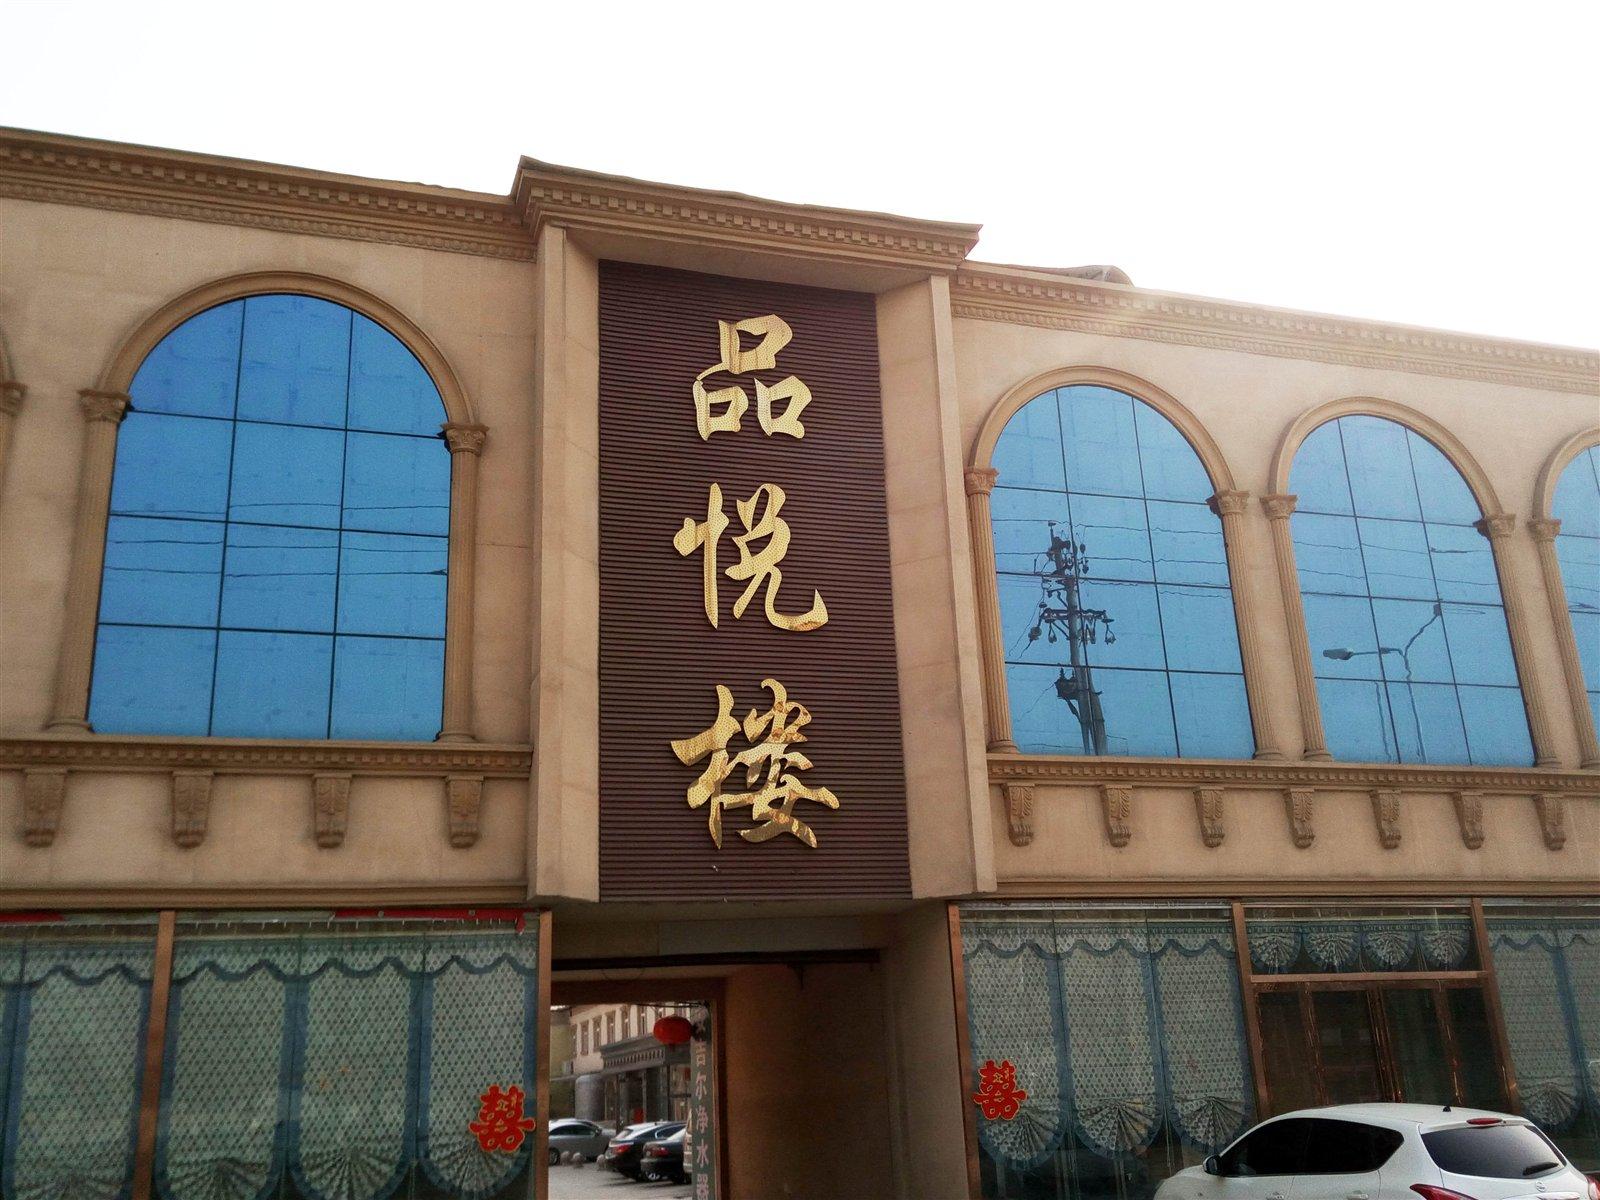 品悦楼婚宴大厅_美食街_叶县网图片